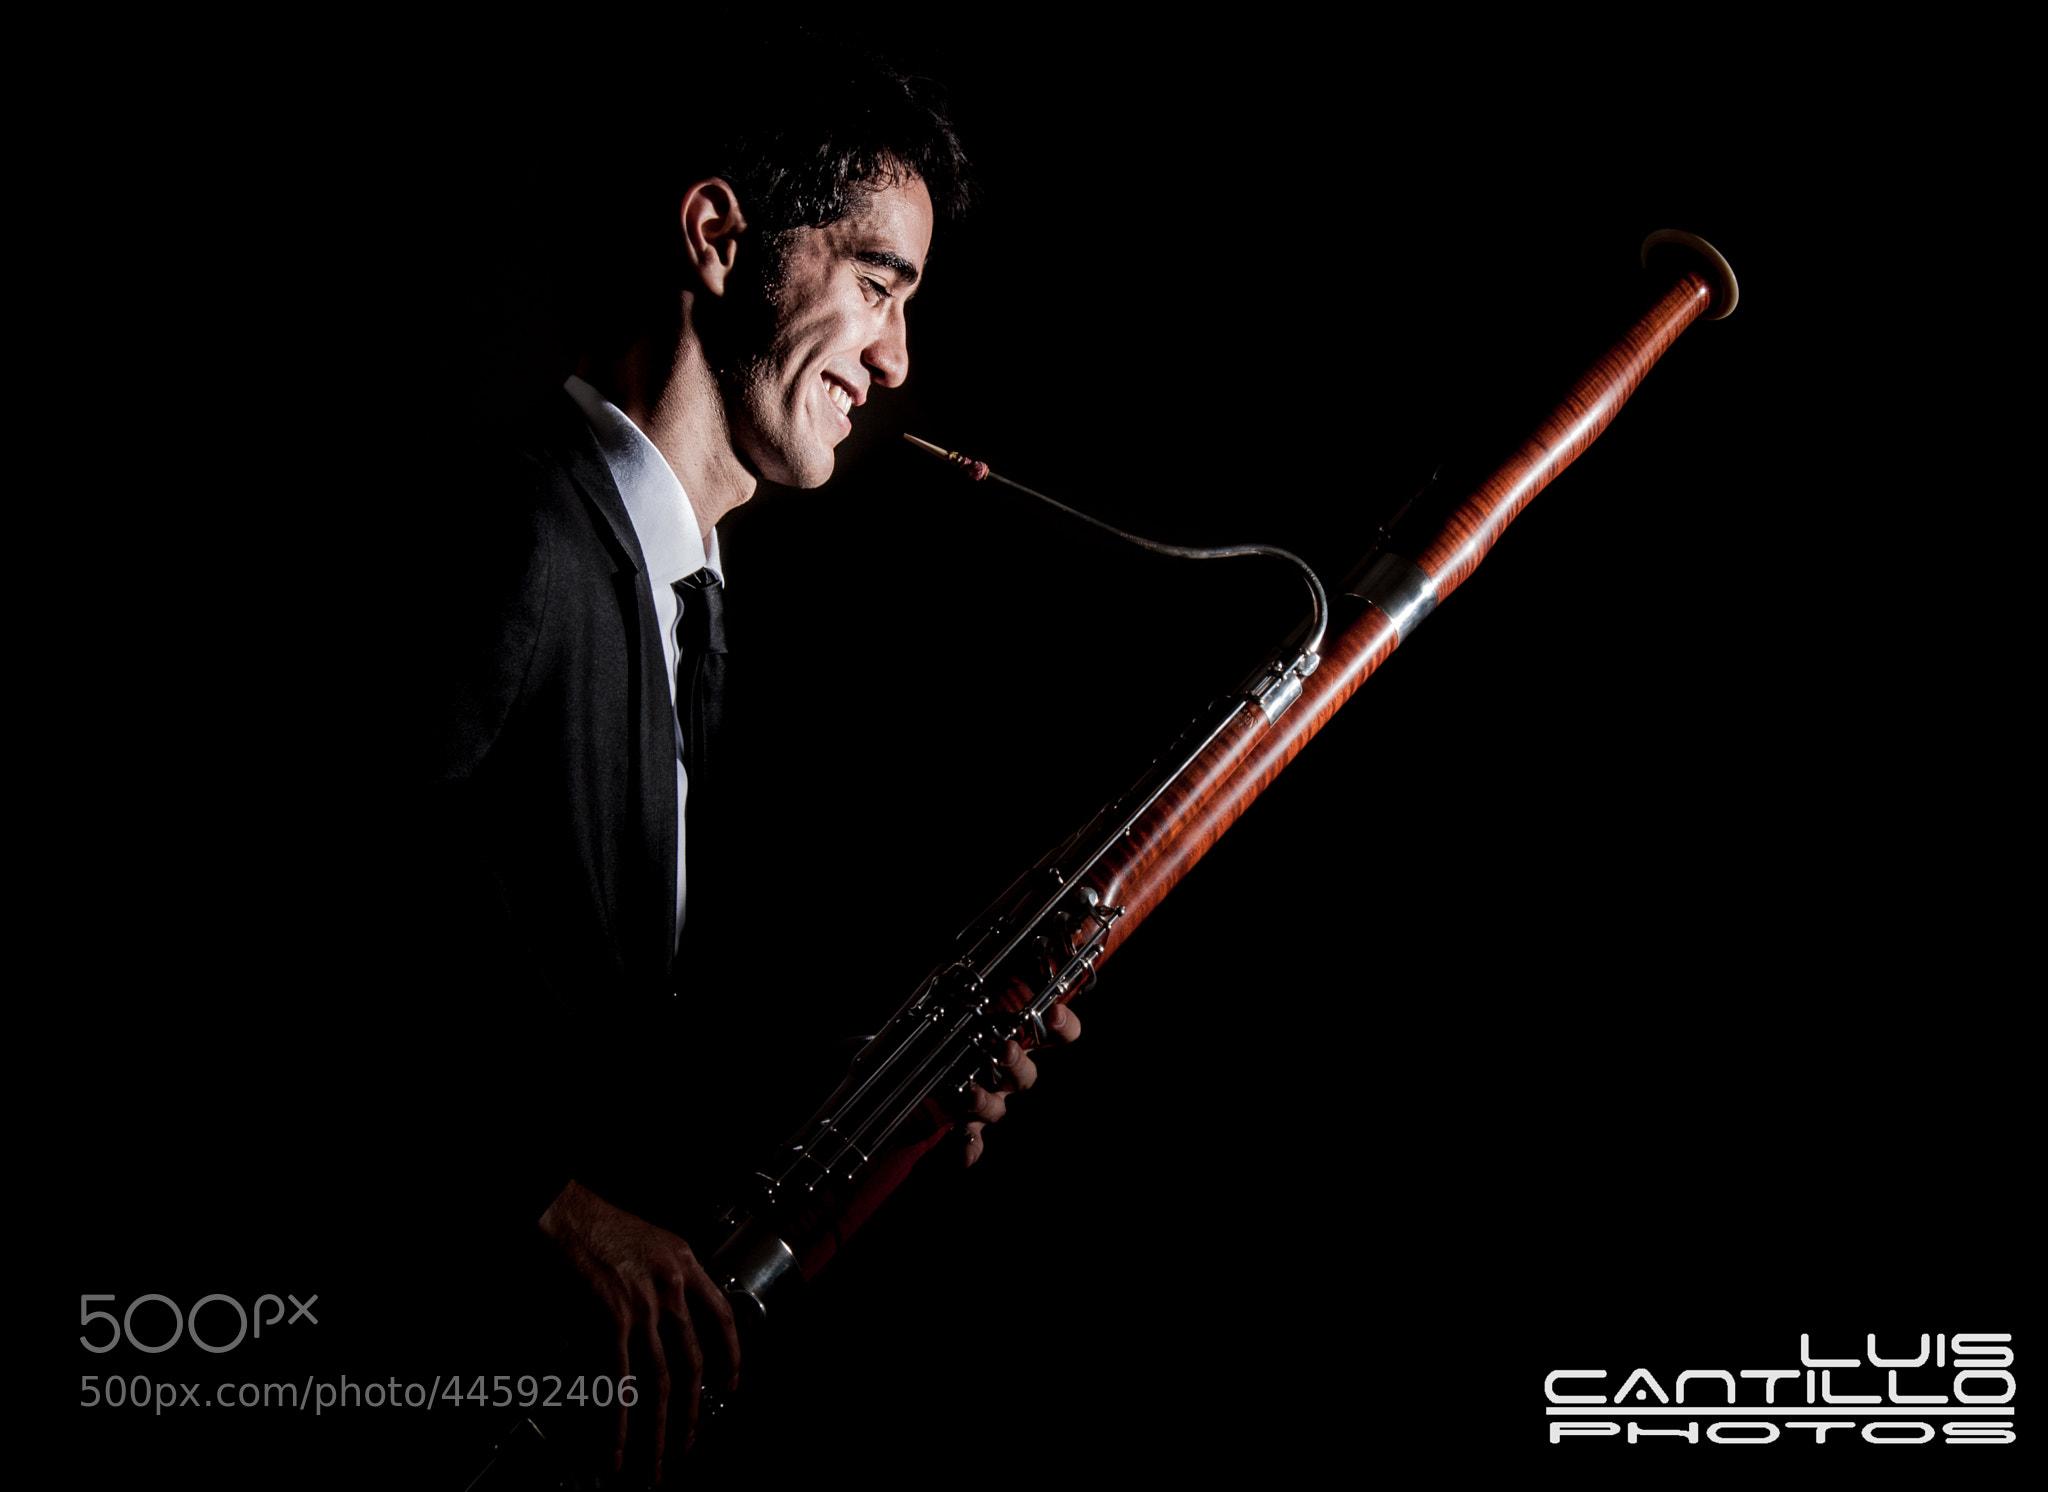 Photograph Juan Ruiz Bandoux / Fagotista by Luis Cantillo on 500px